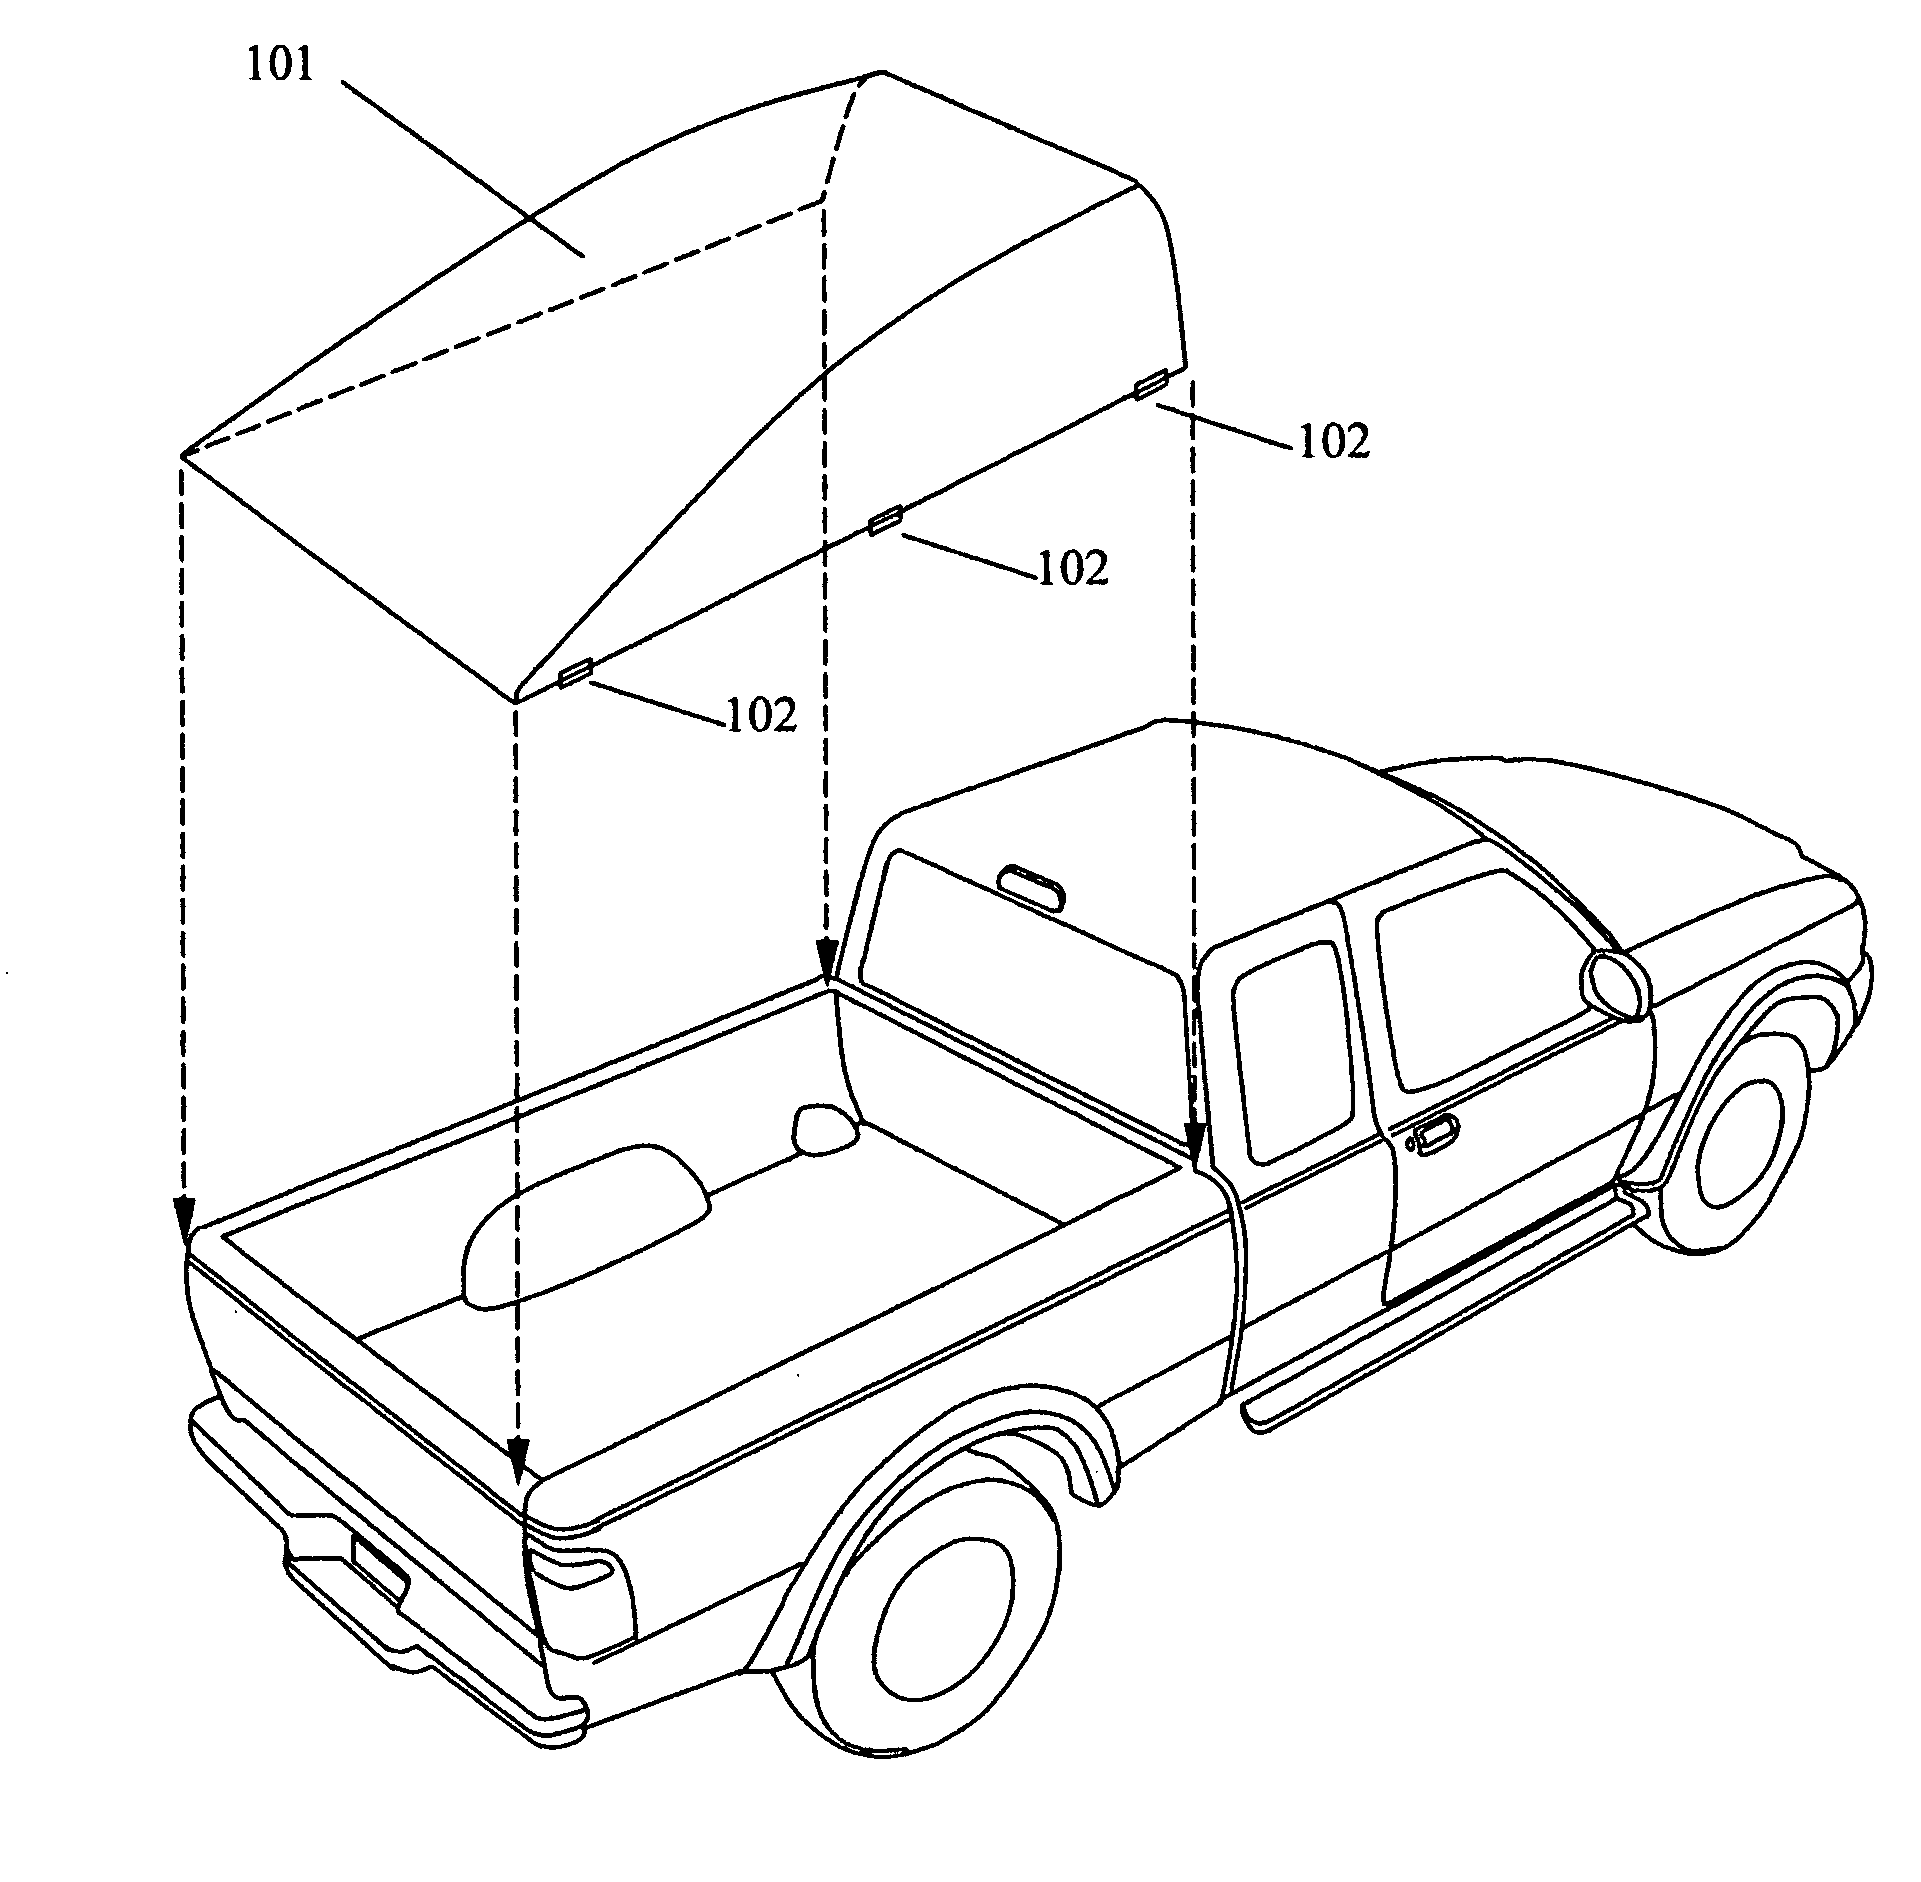 72 Chevy Truck Mirror